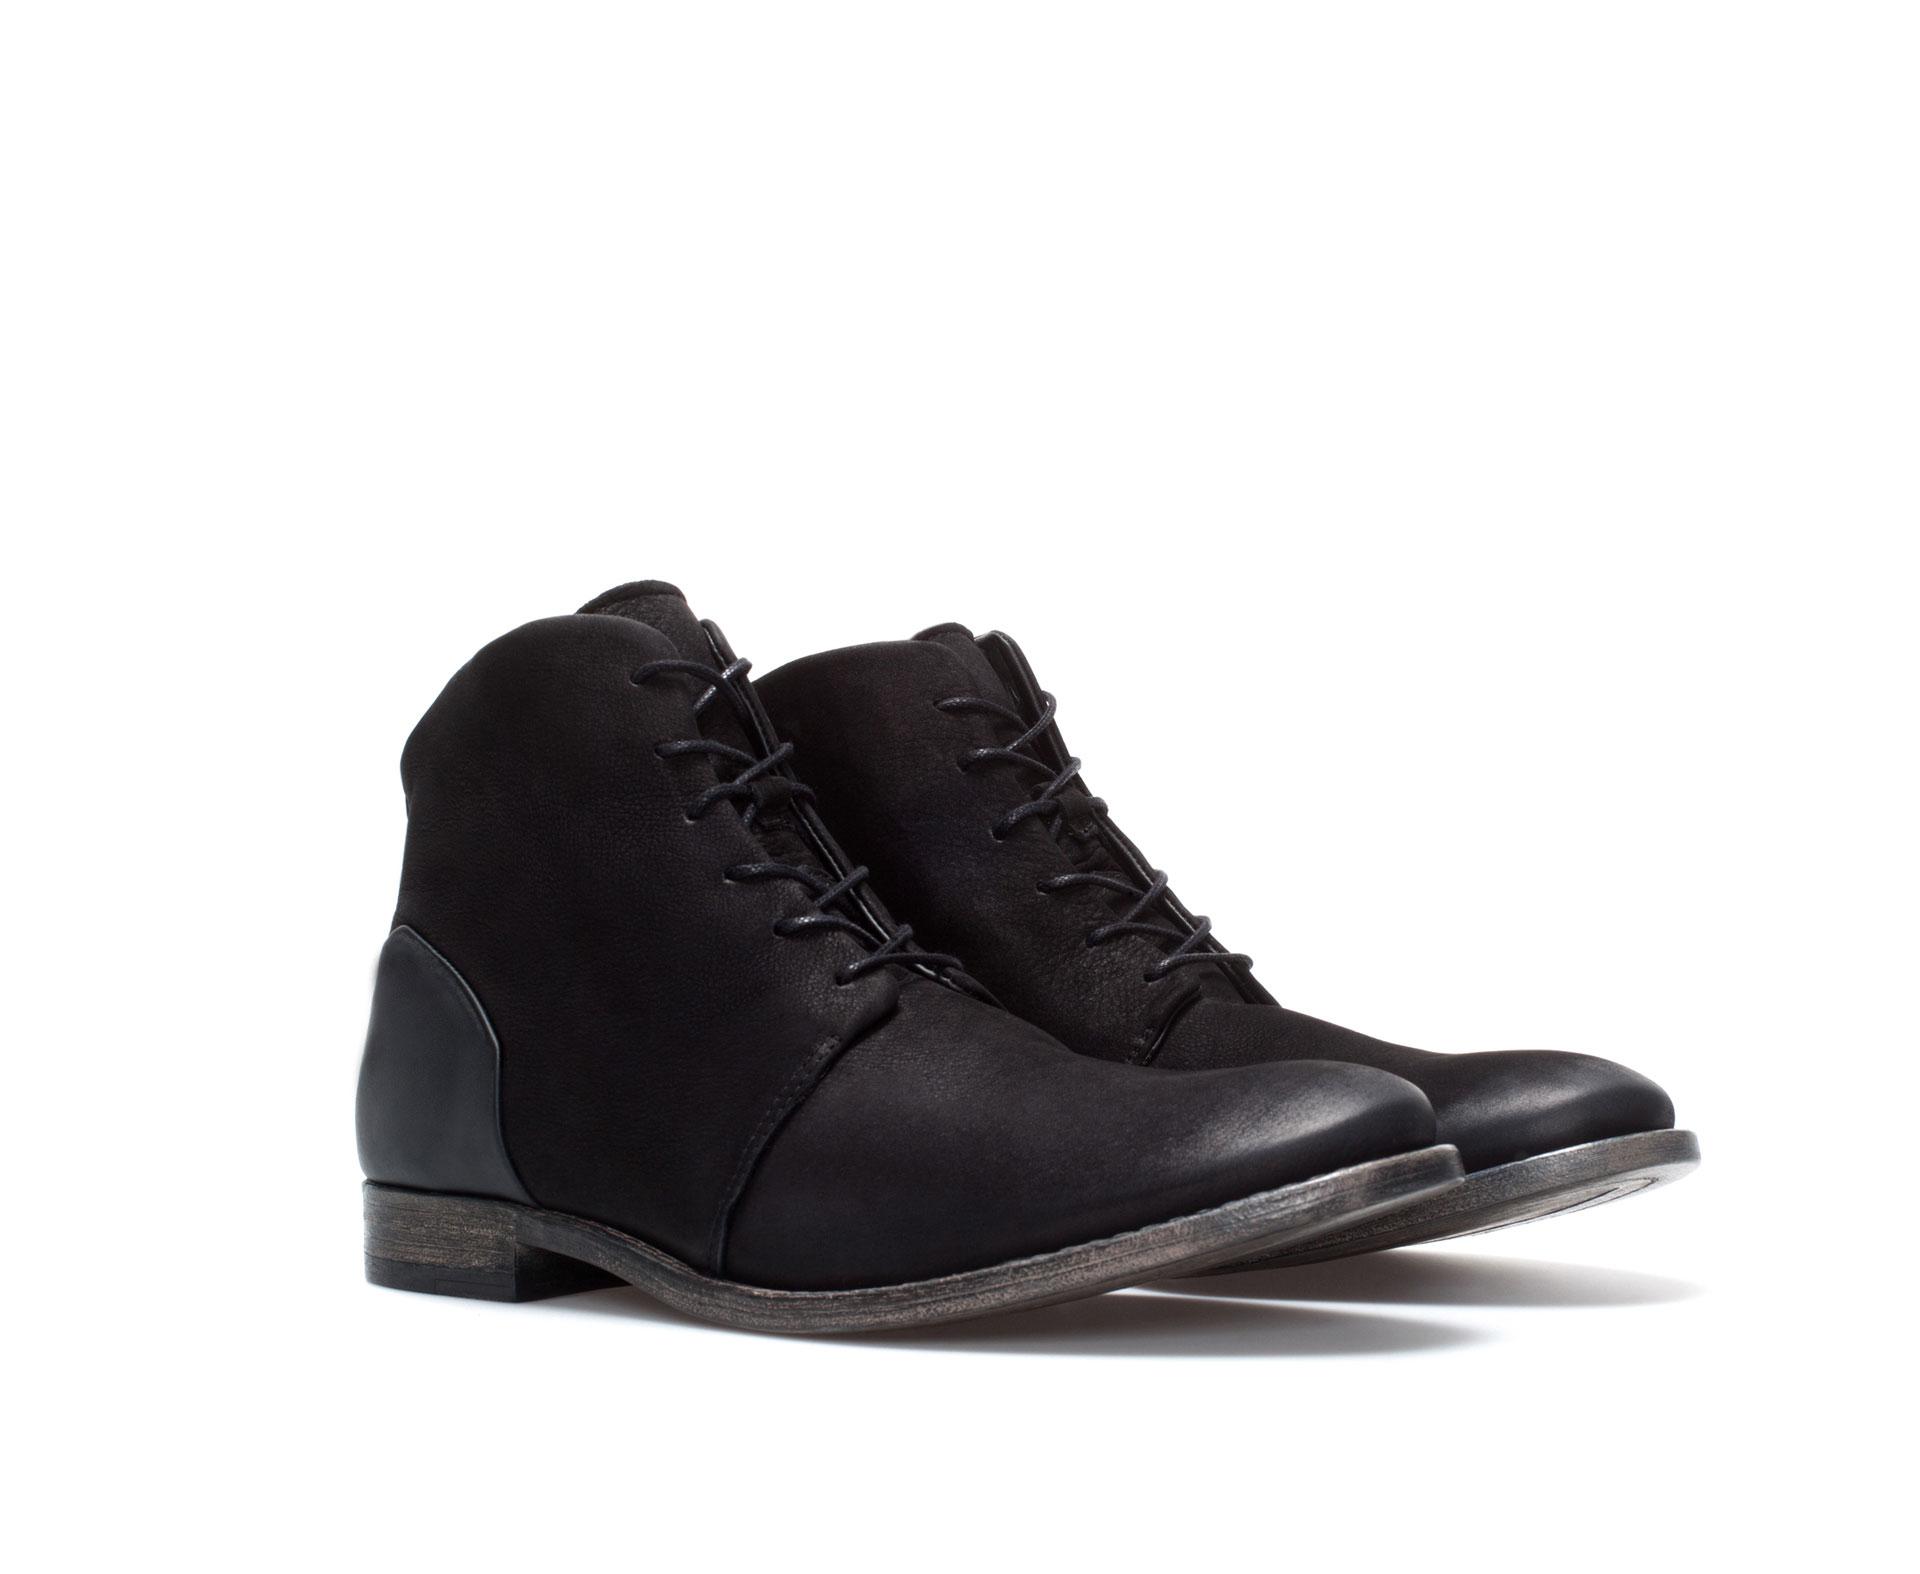 zara work boot in black for men lyst. Black Bedroom Furniture Sets. Home Design Ideas